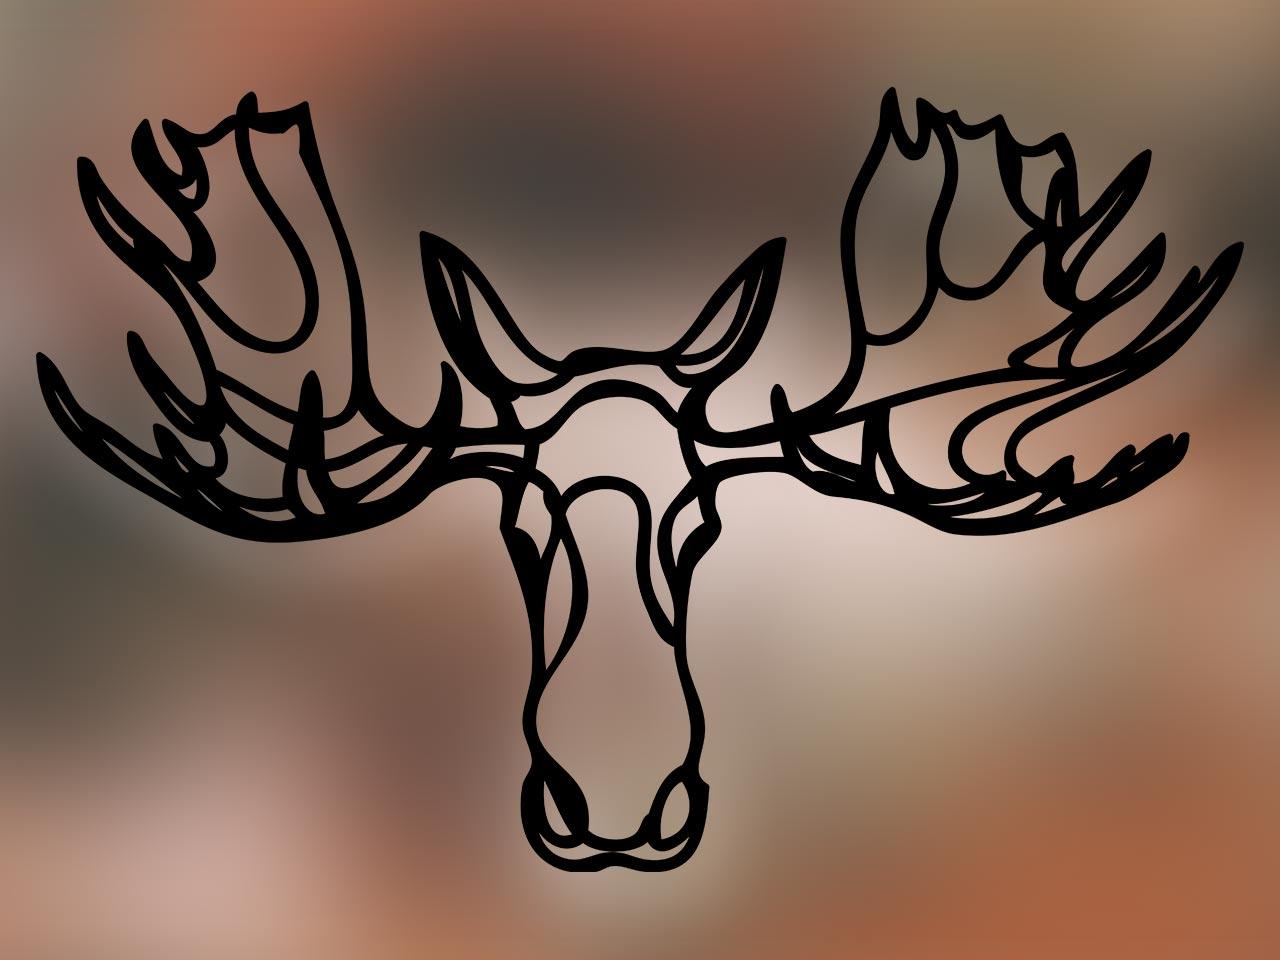 Moose color